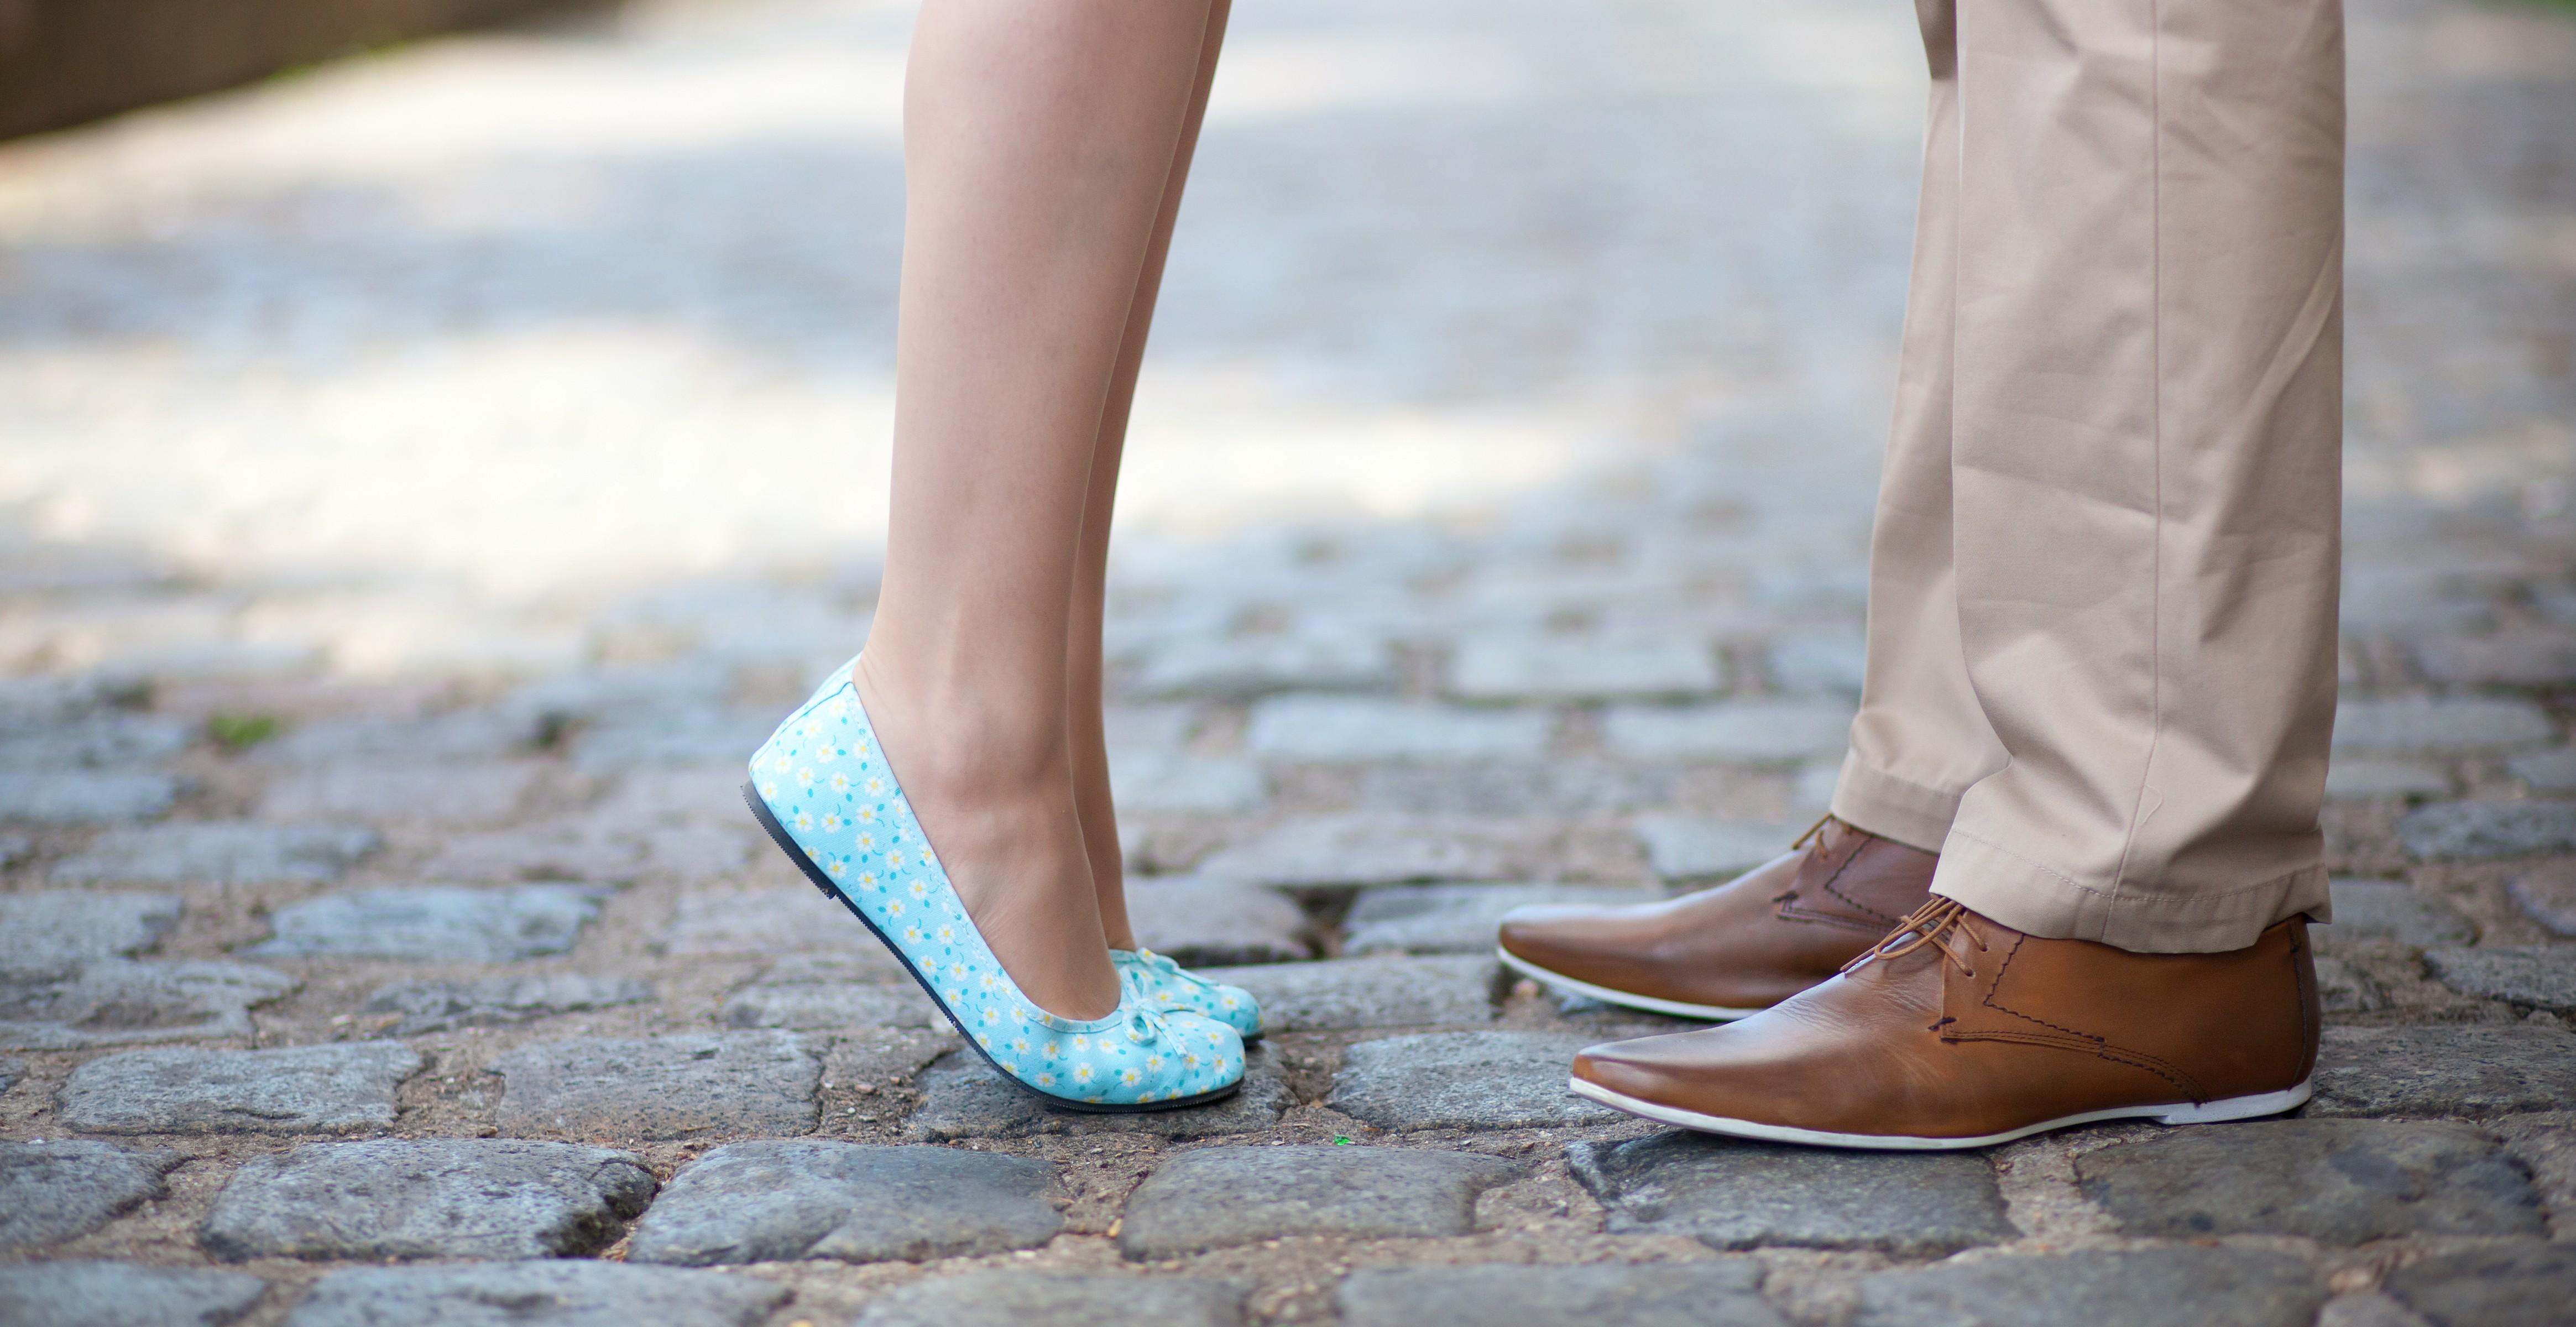 Целовать женскую обувь фото 8 фотография